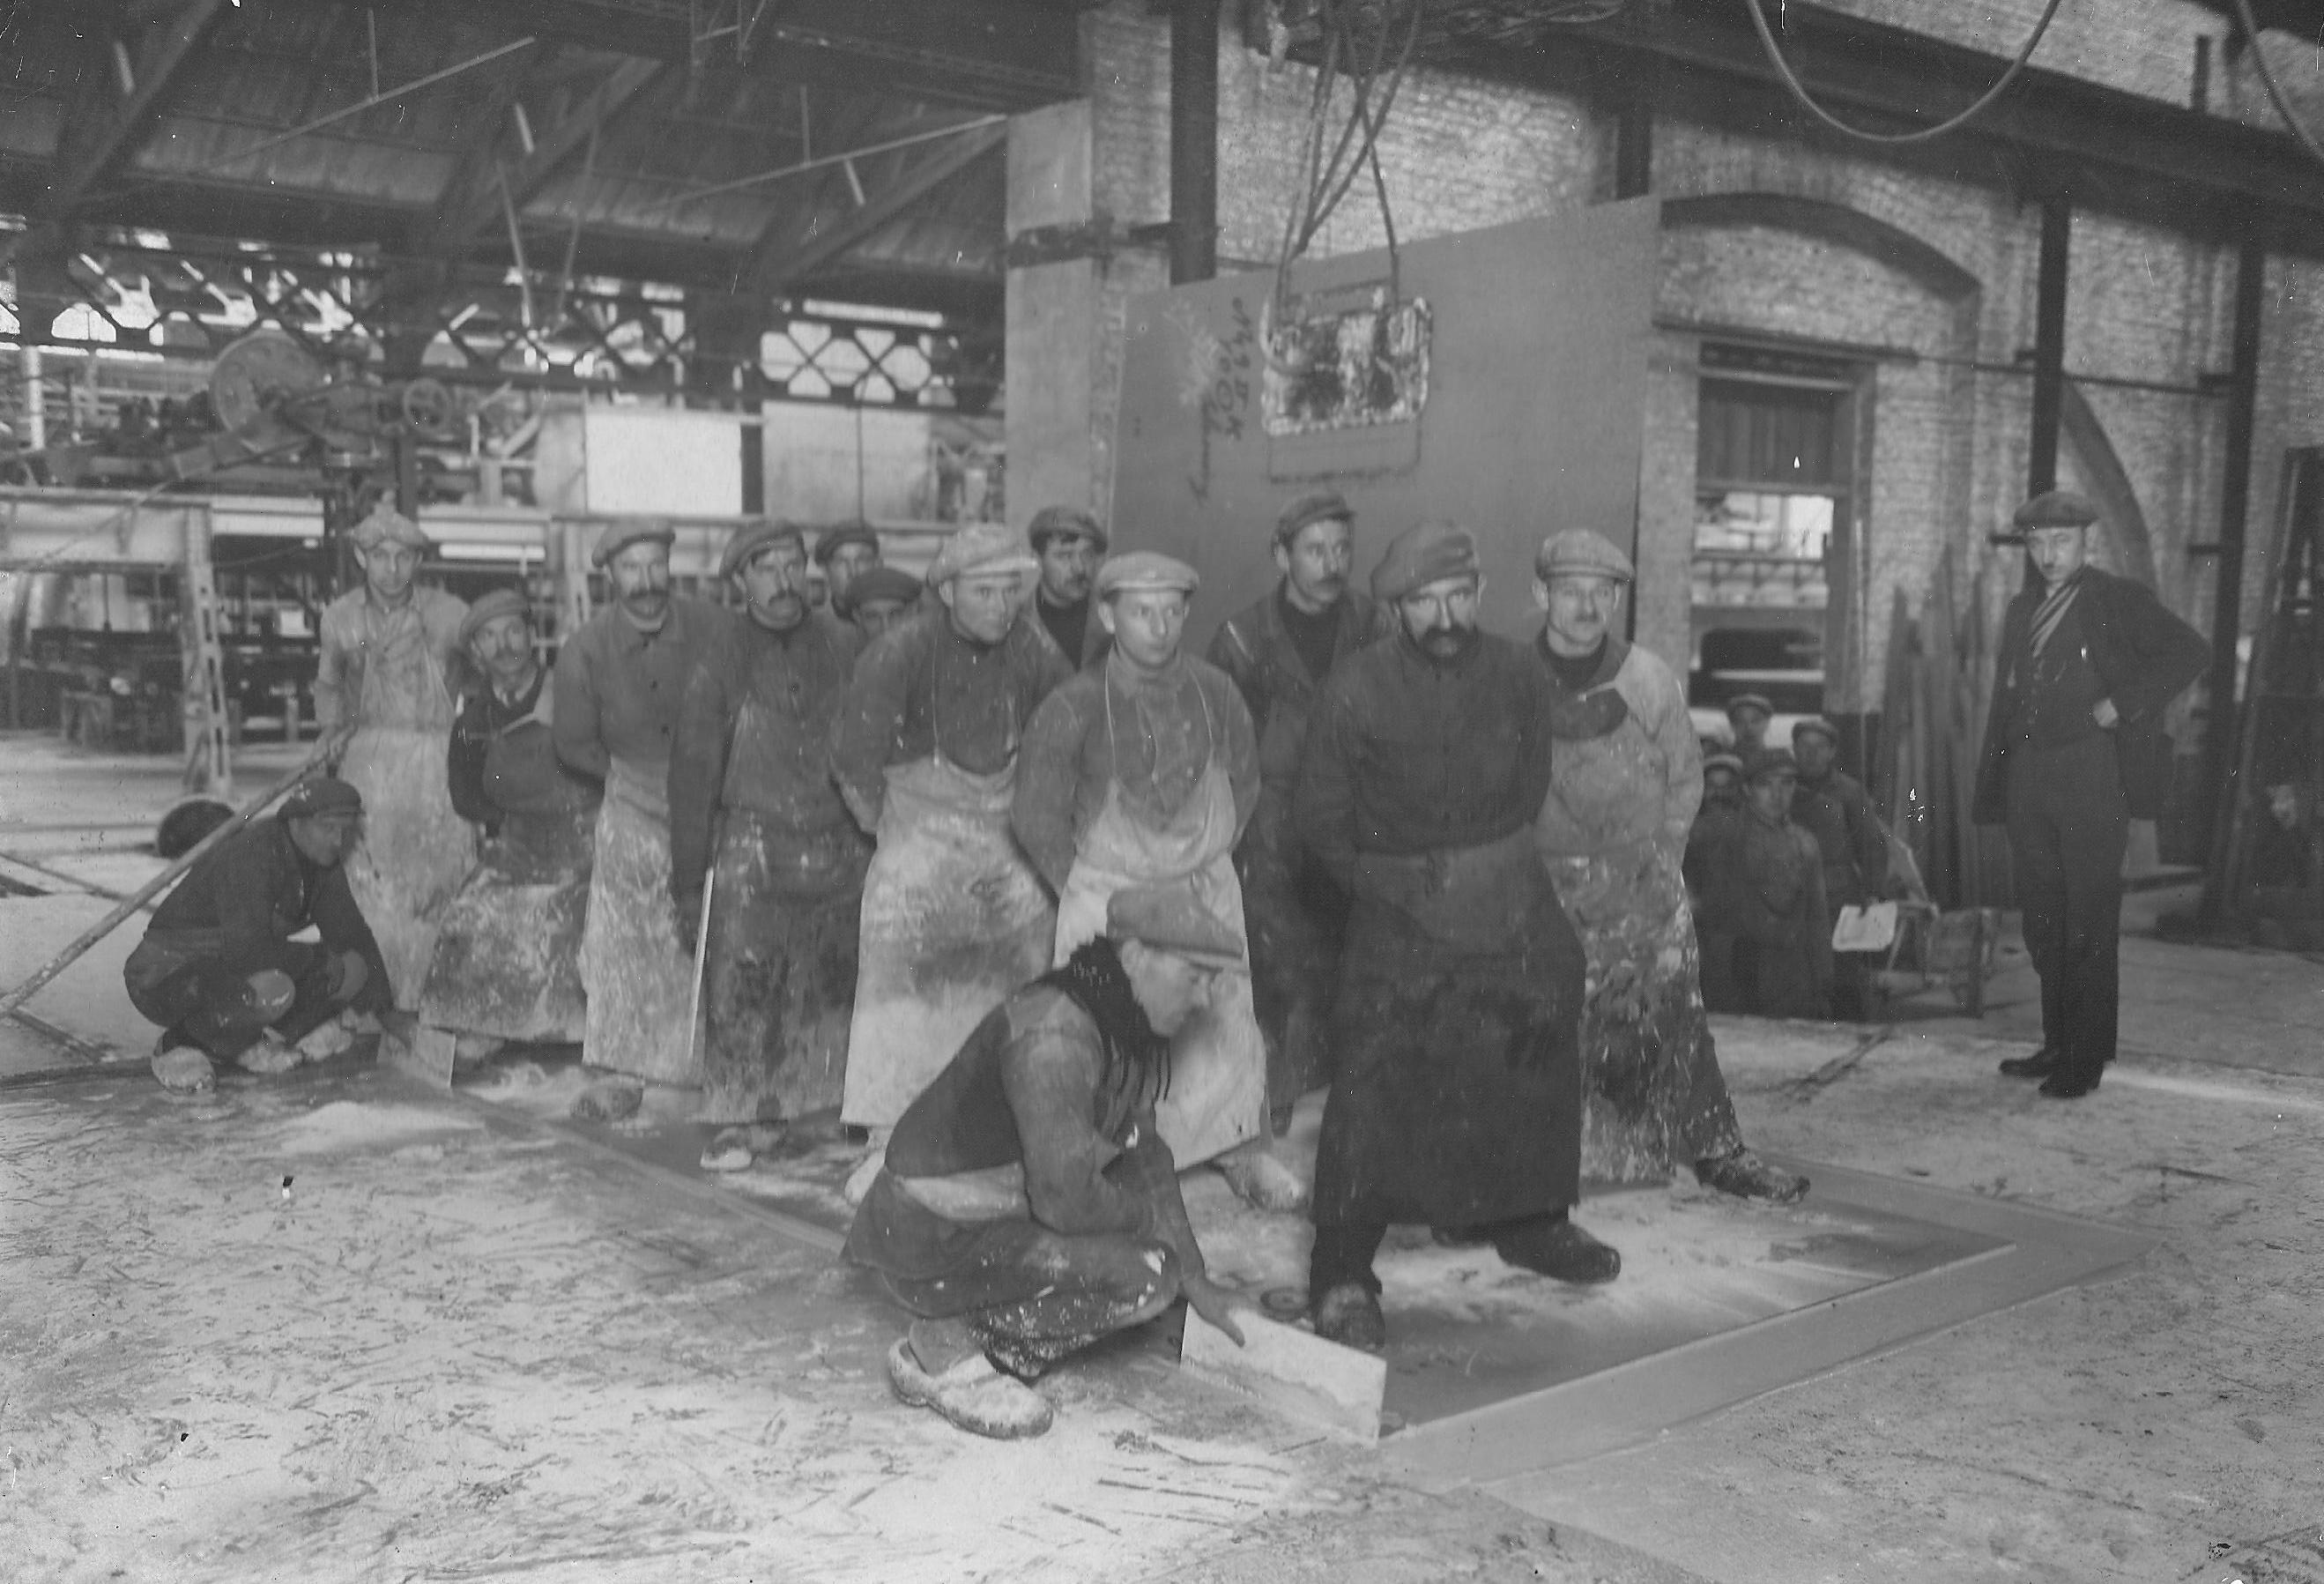 Het inbedden van glasplaten bij Sas Glas in 1929. (Zeeuws Archief, archief Glasfabriek Sas van Gent)